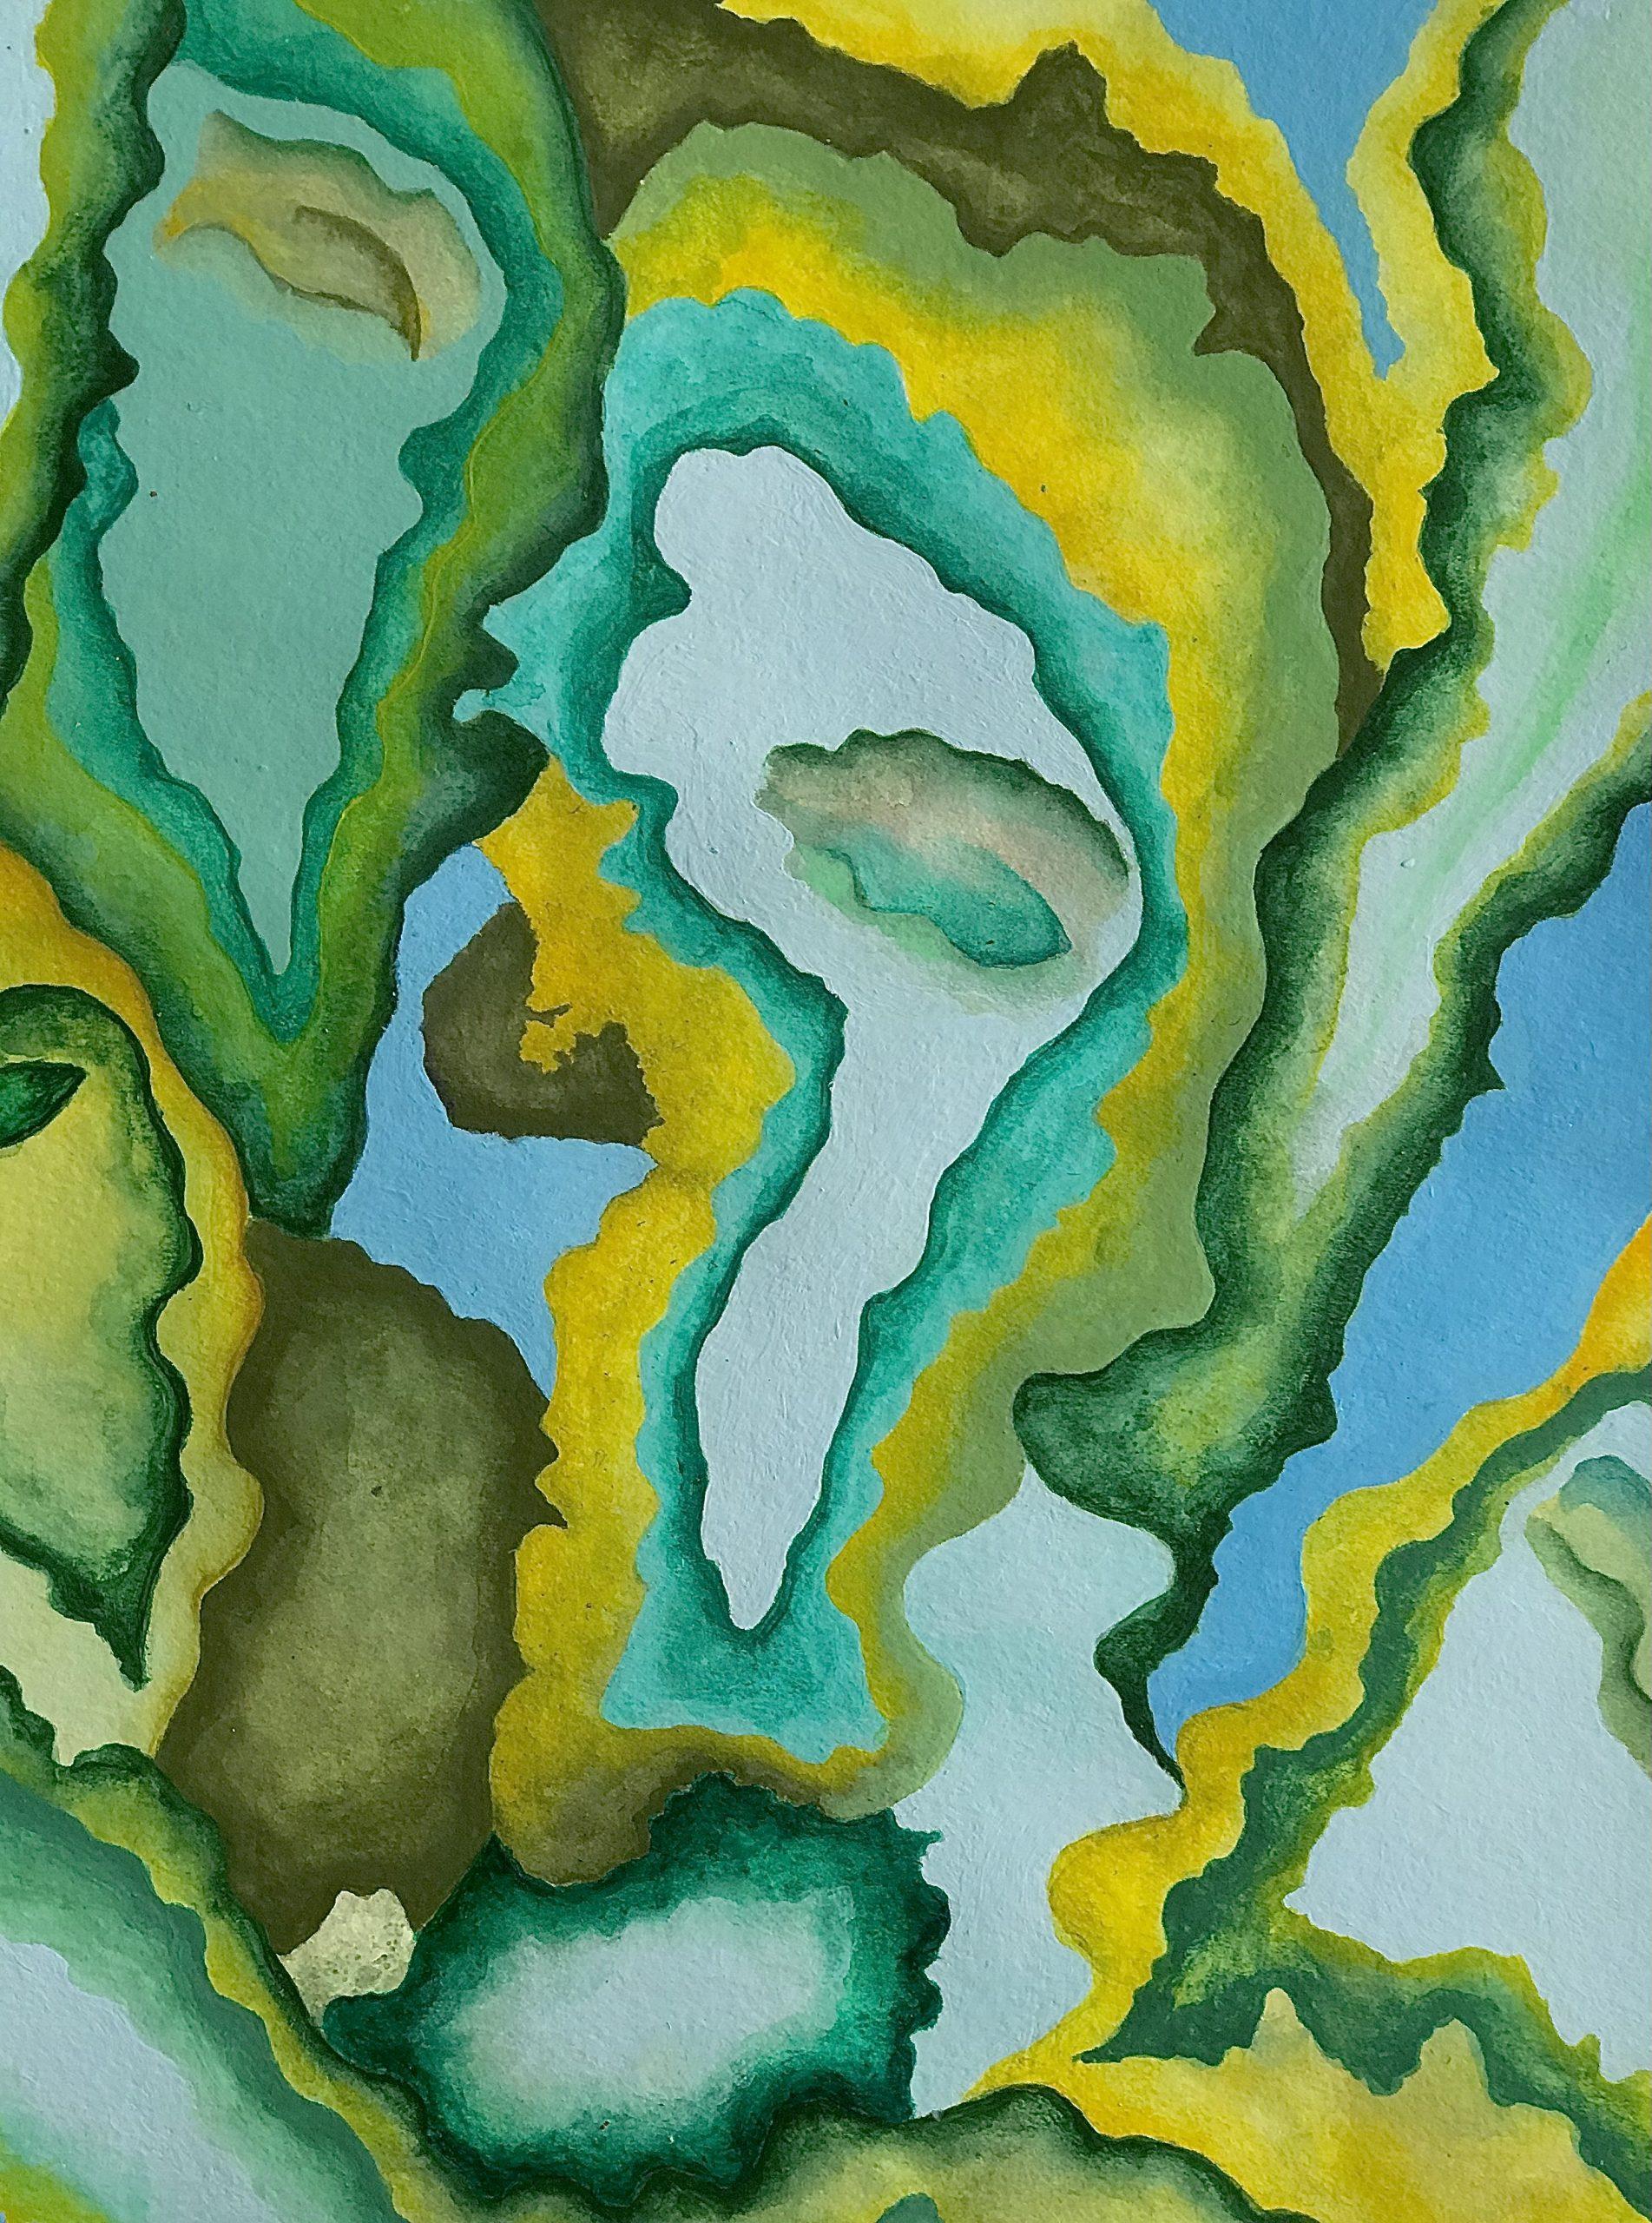 """Subconscious, Emilia Wrocenska <br>9 x 12"""" <br>Acrylic and watercolor<br>"""